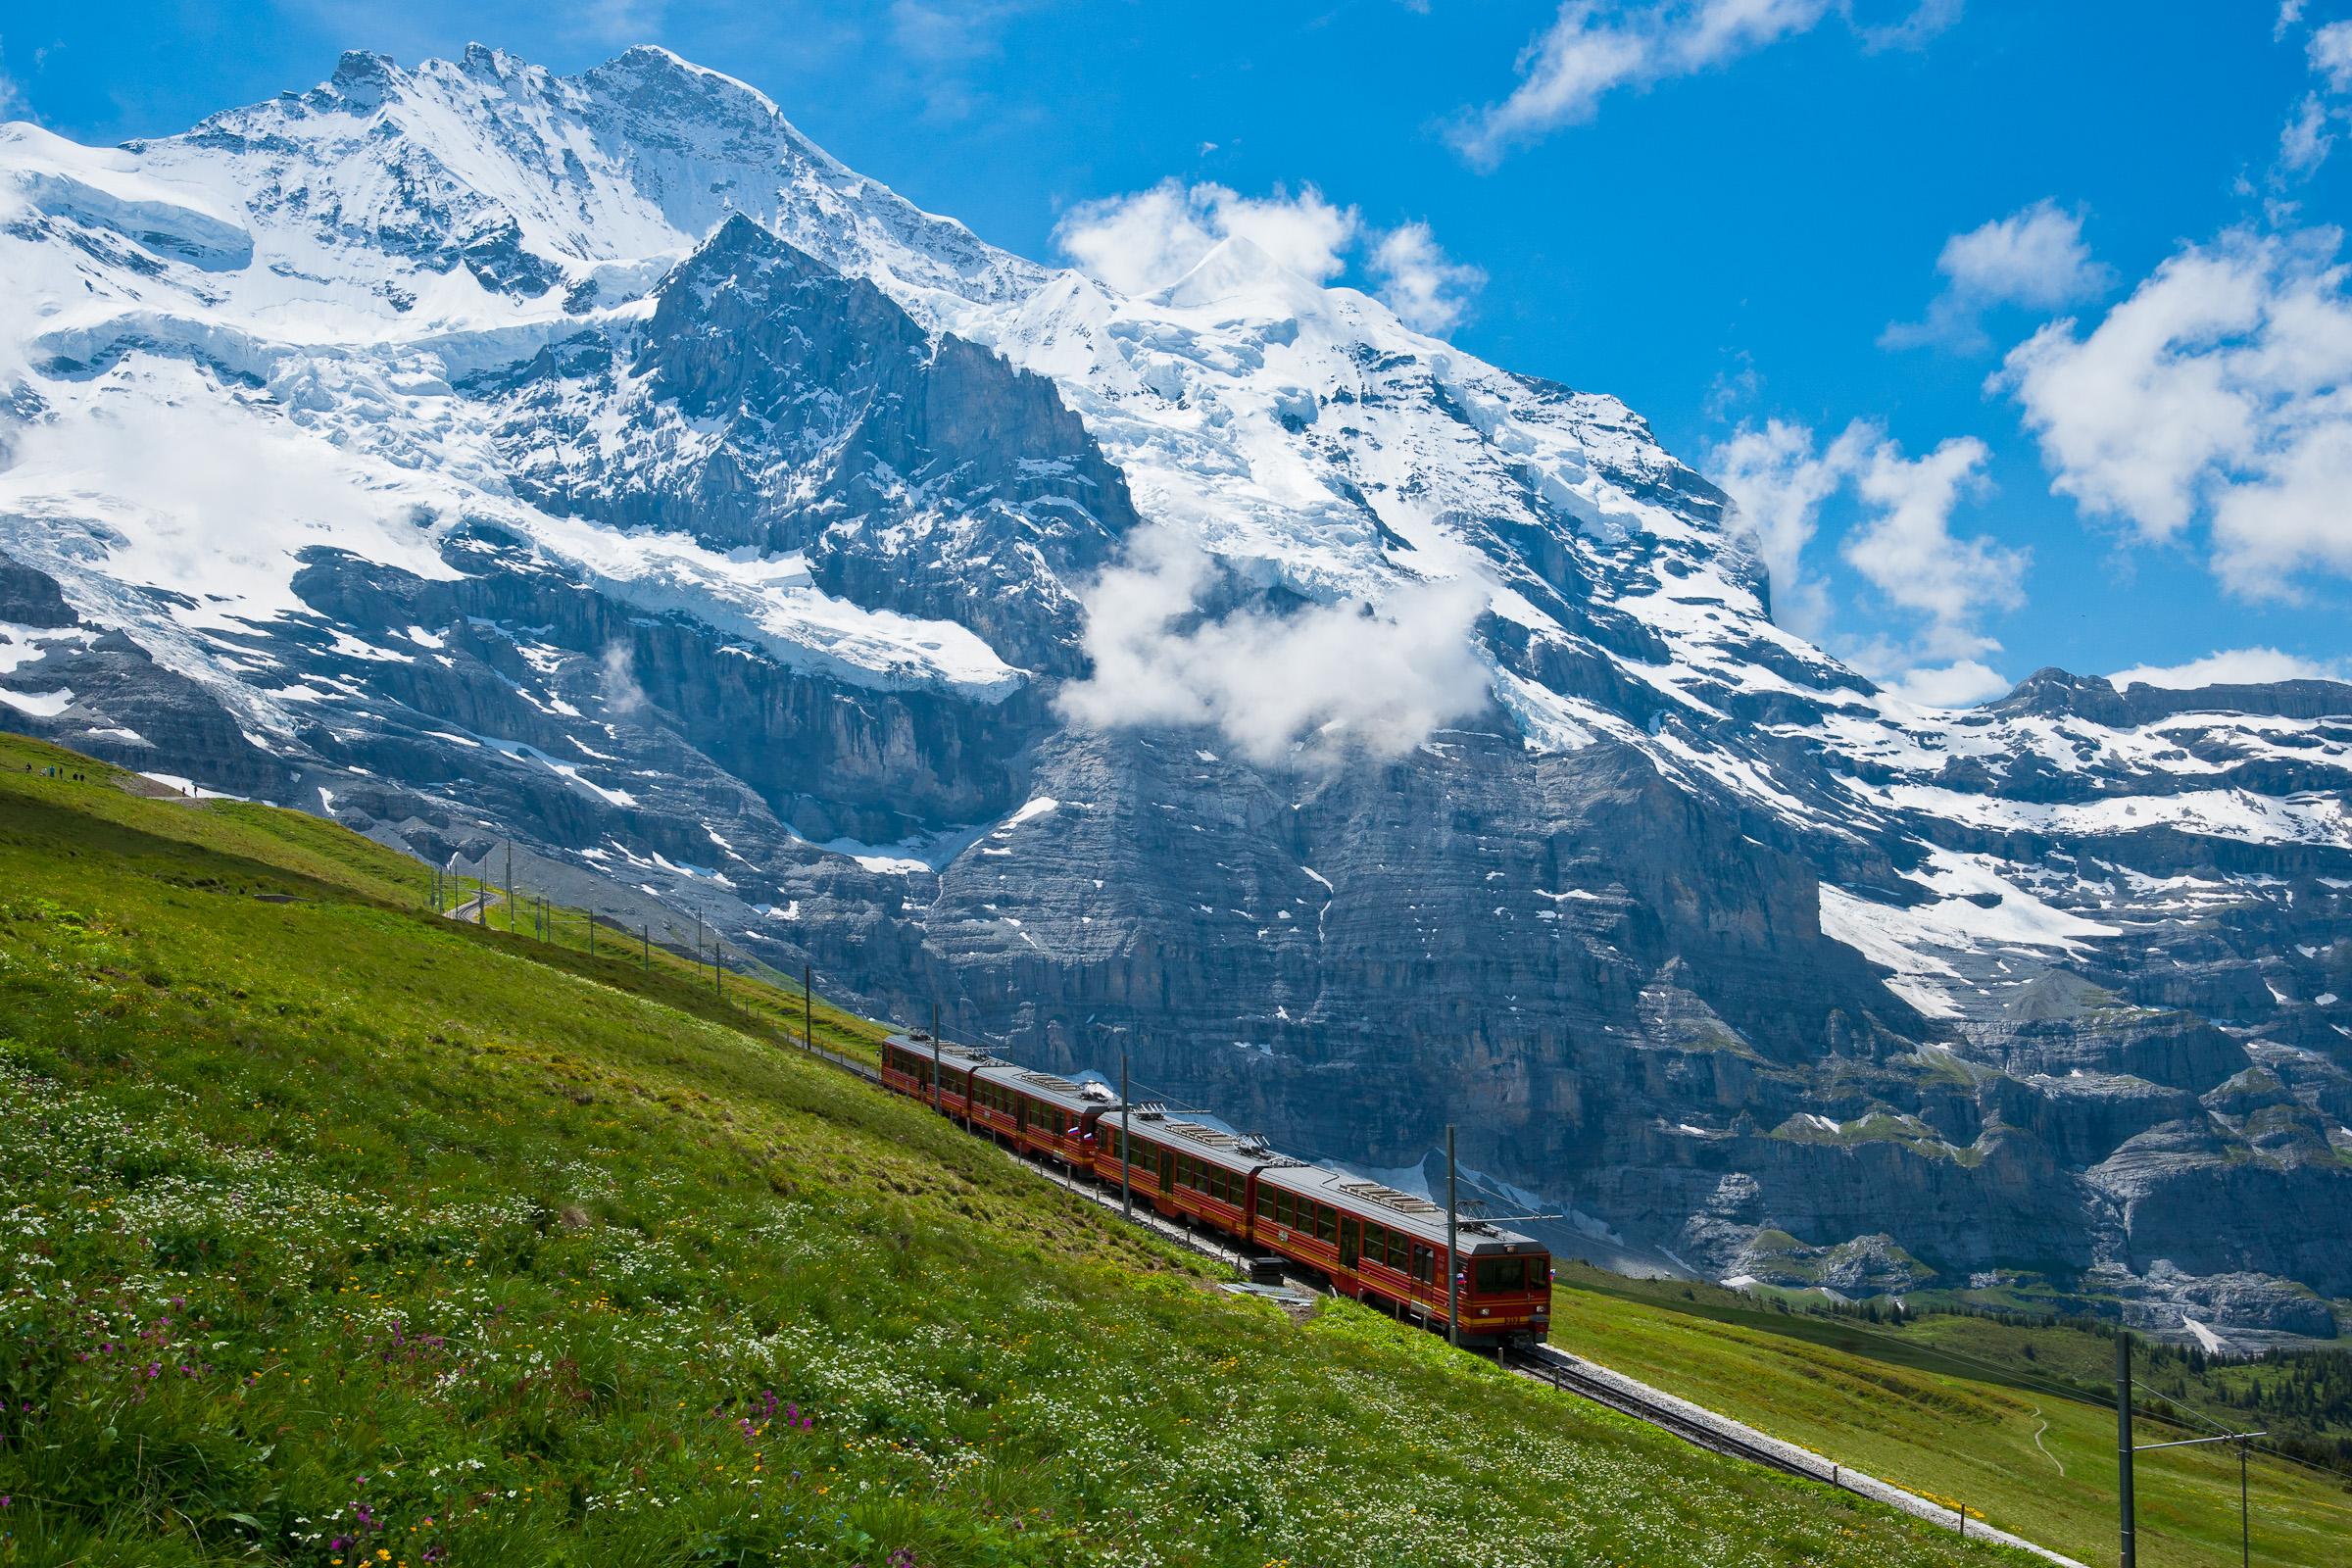 To the Jungfrau Jungfraujoch Switzerland [2400x1600] wallpapers 2400x1600